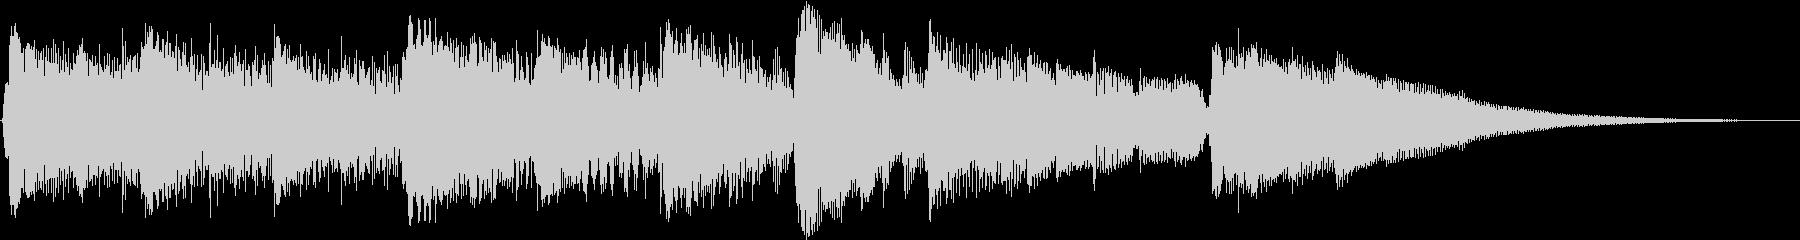 ギターとピアノによる15秒のジングル曲の未再生の波形